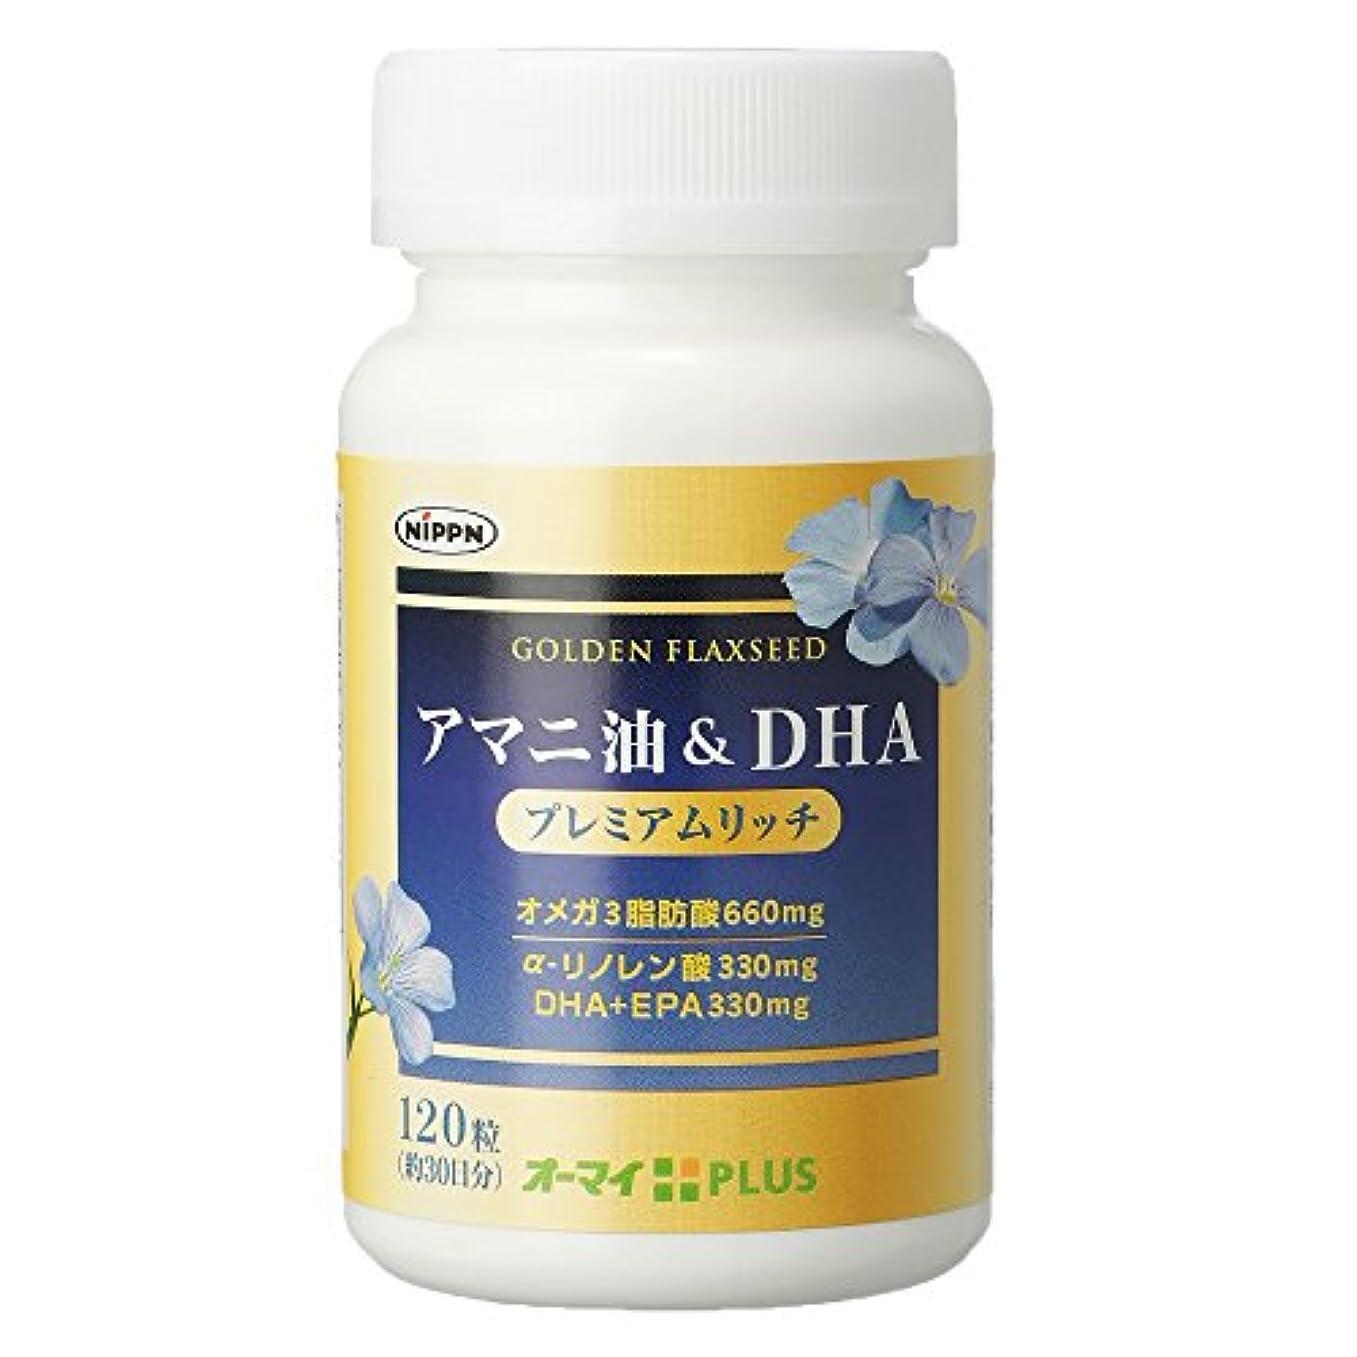 必須嫌い神経障害アマニ油&DHA プレミアムリッチ 120粒(約30日分)